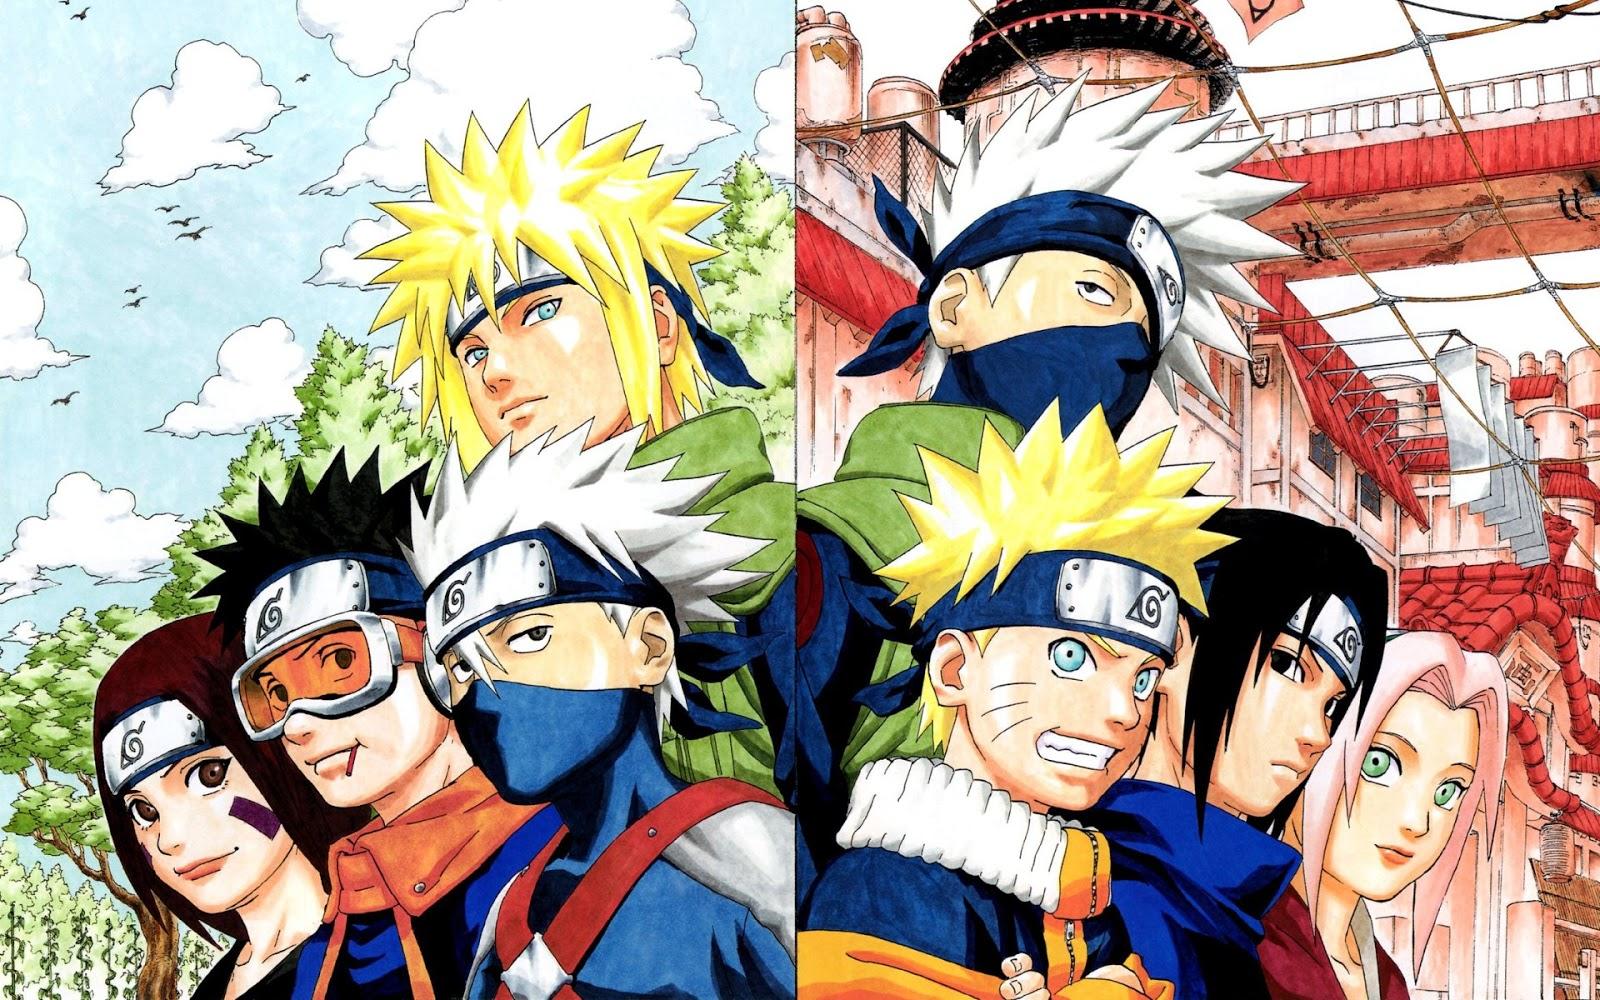 Killzone Shadow Fall Full Hd Wallpaper Wallpapers Hd Naruto Y Naruto Shippuden Wallpapers Full Hd